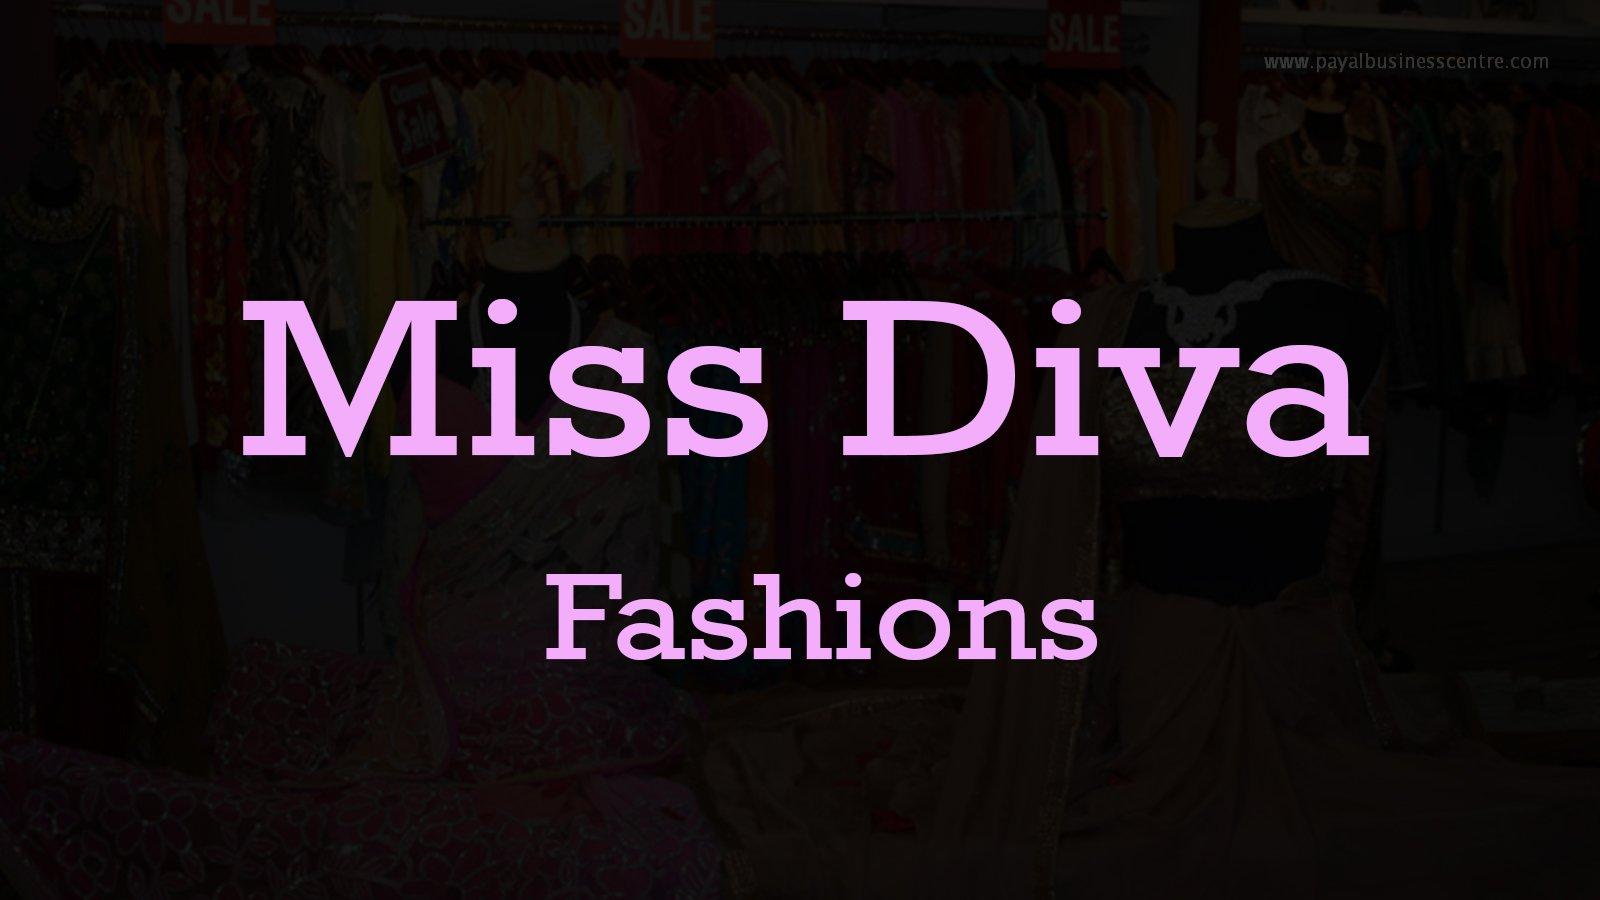 Miss Diva Fashions